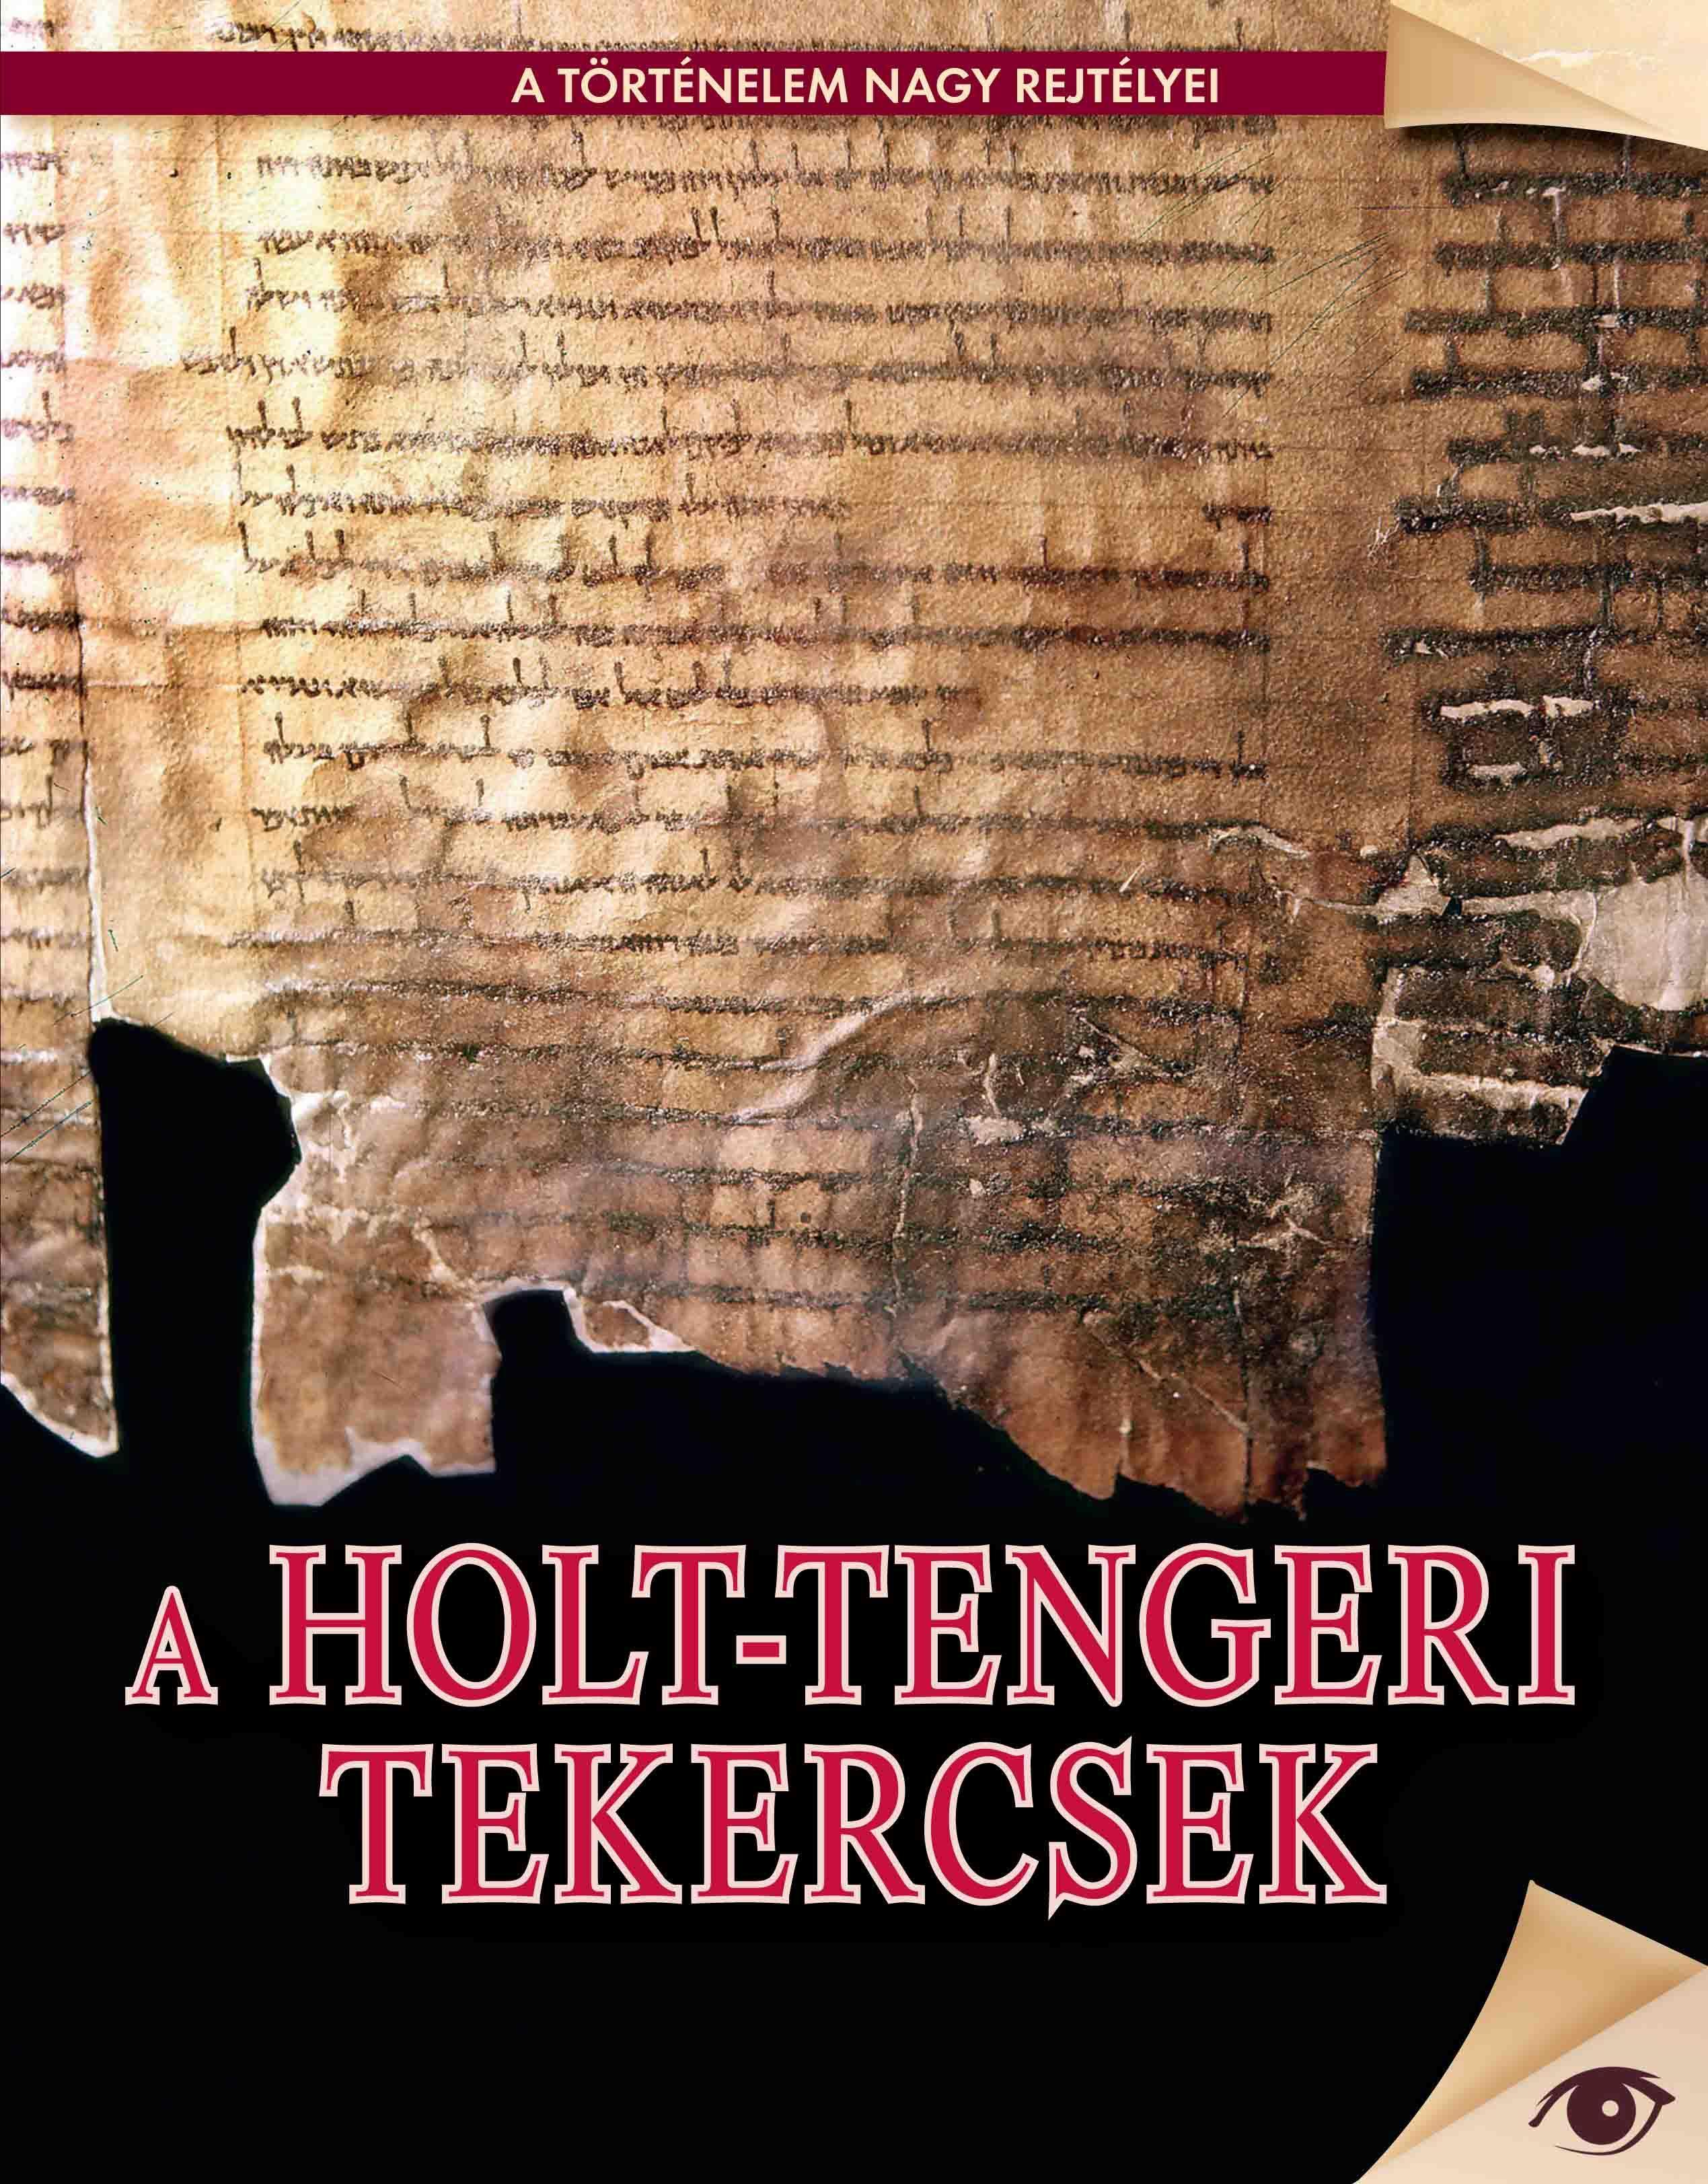 A HOLT-TENGERI TEKERCSEK - A TÖRTÉNELEM NAGY REJTÉLYEI